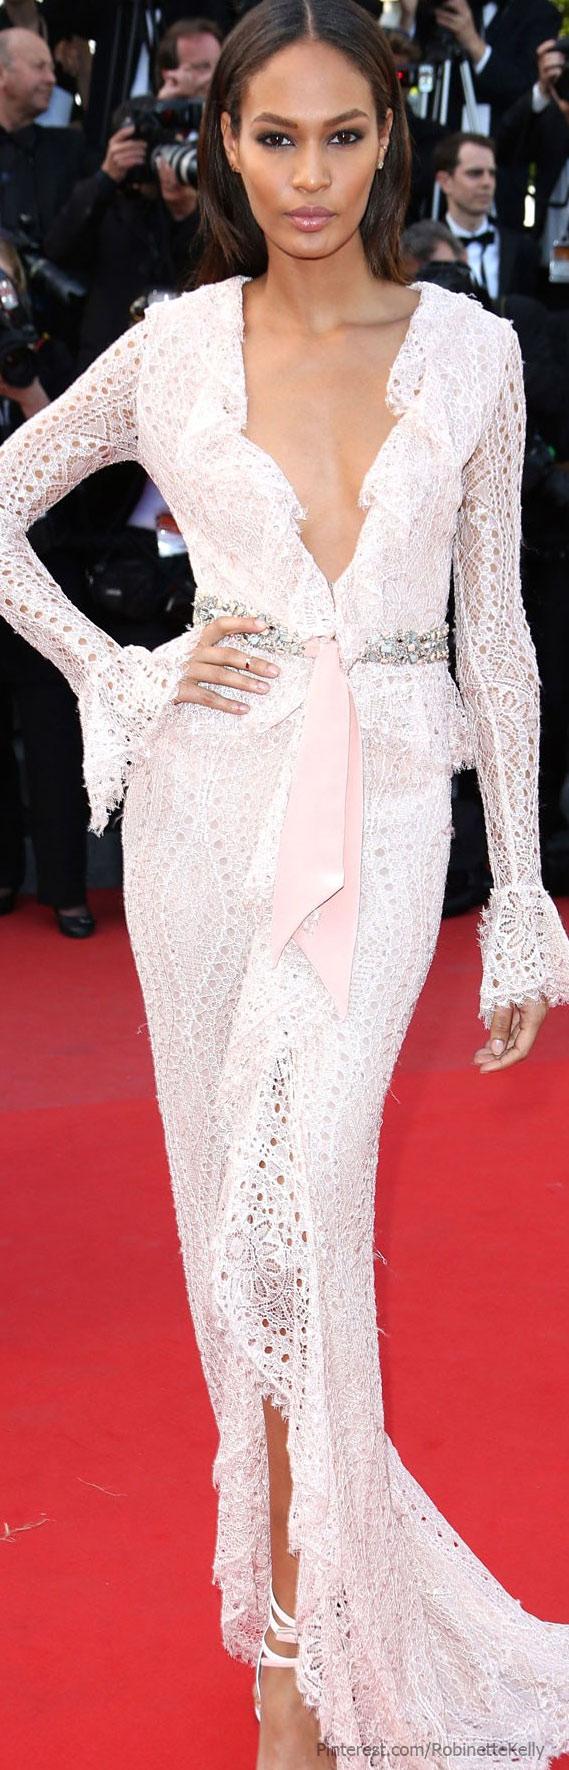 Joan Smalls, Emilio Pucci | Cannes Film Festival